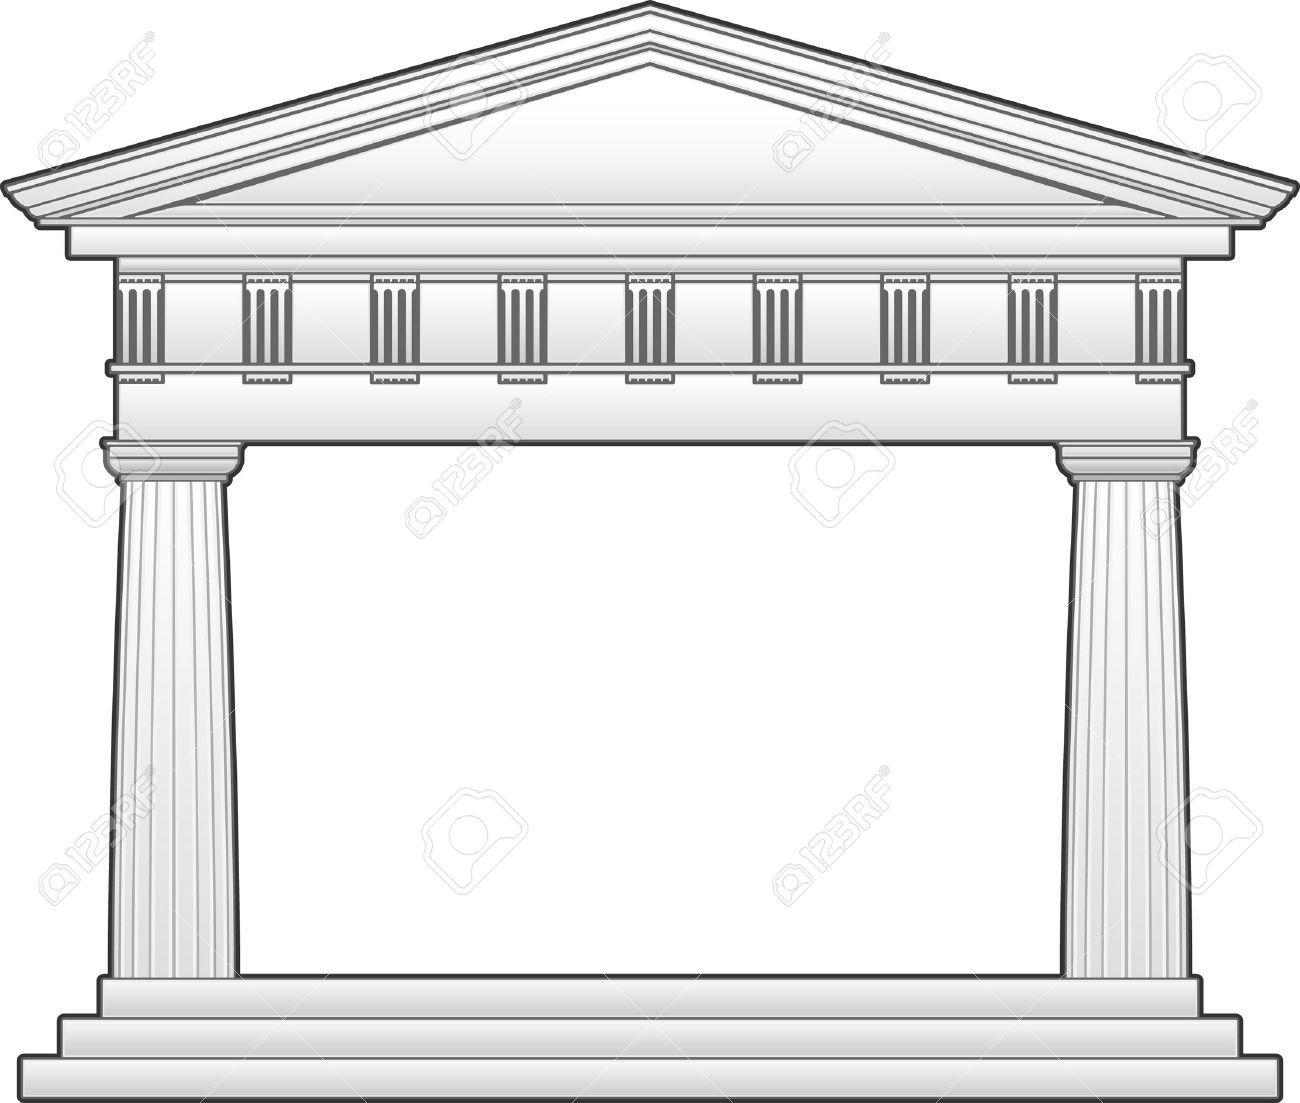 Temple clipart greek building #2.